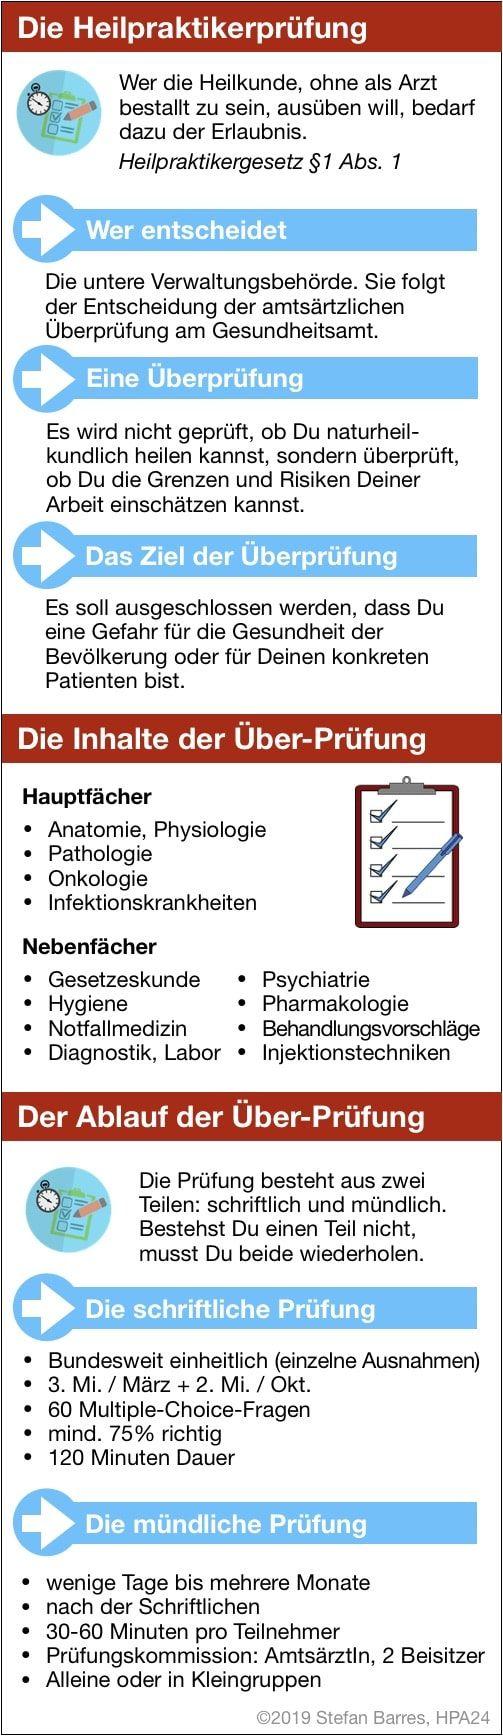 Infografik zu den Fakten der Heilpraktikerprüfung